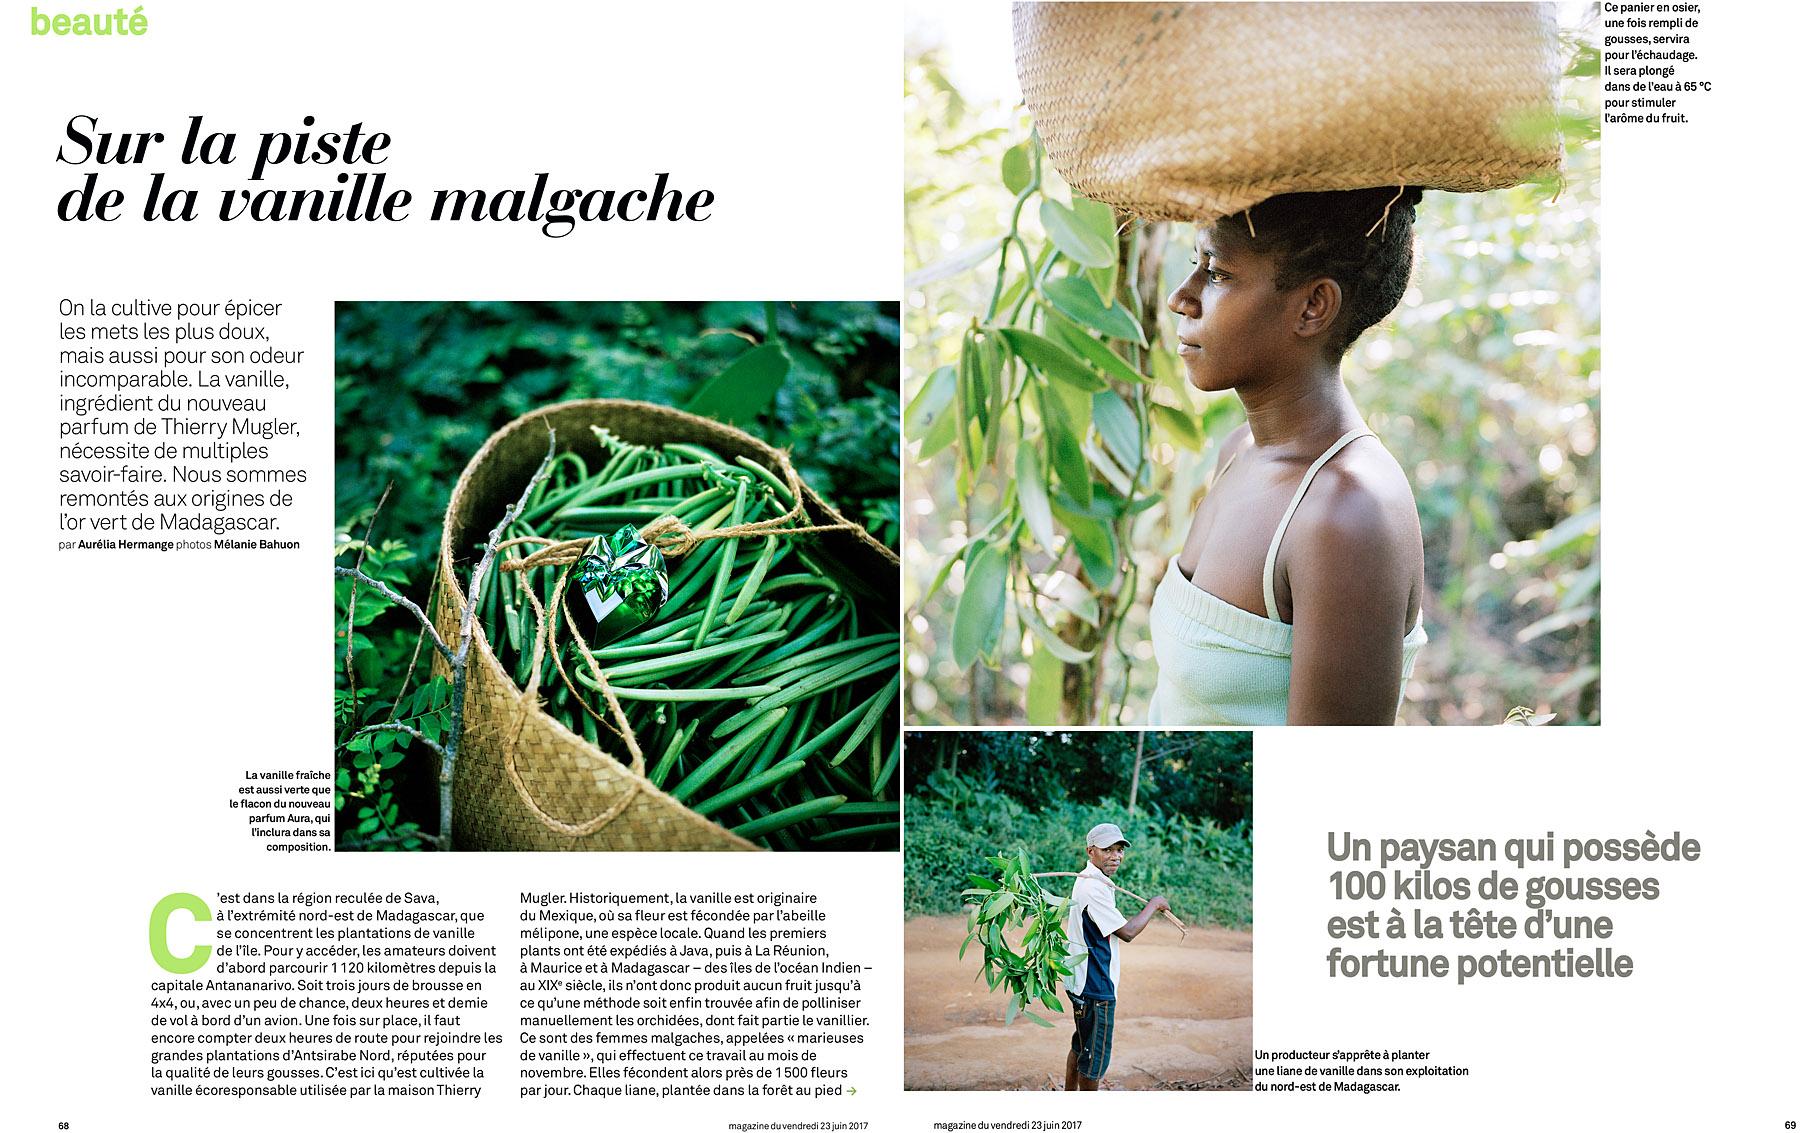 Le Parisien Magazine du 23 juin 2017.